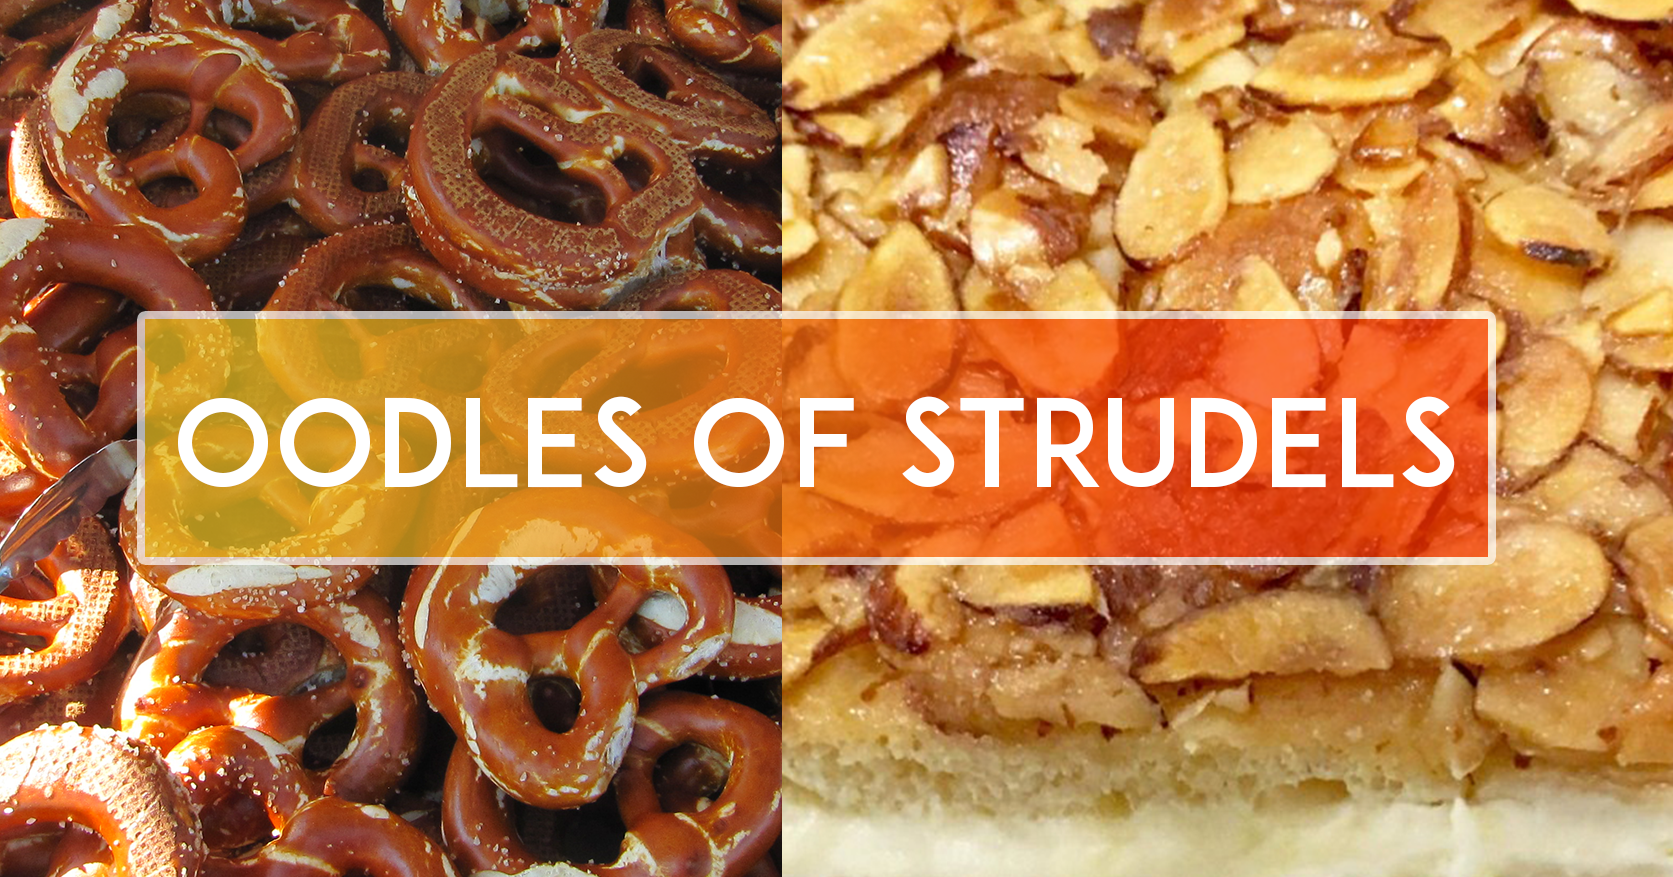 Oodles of Strudels